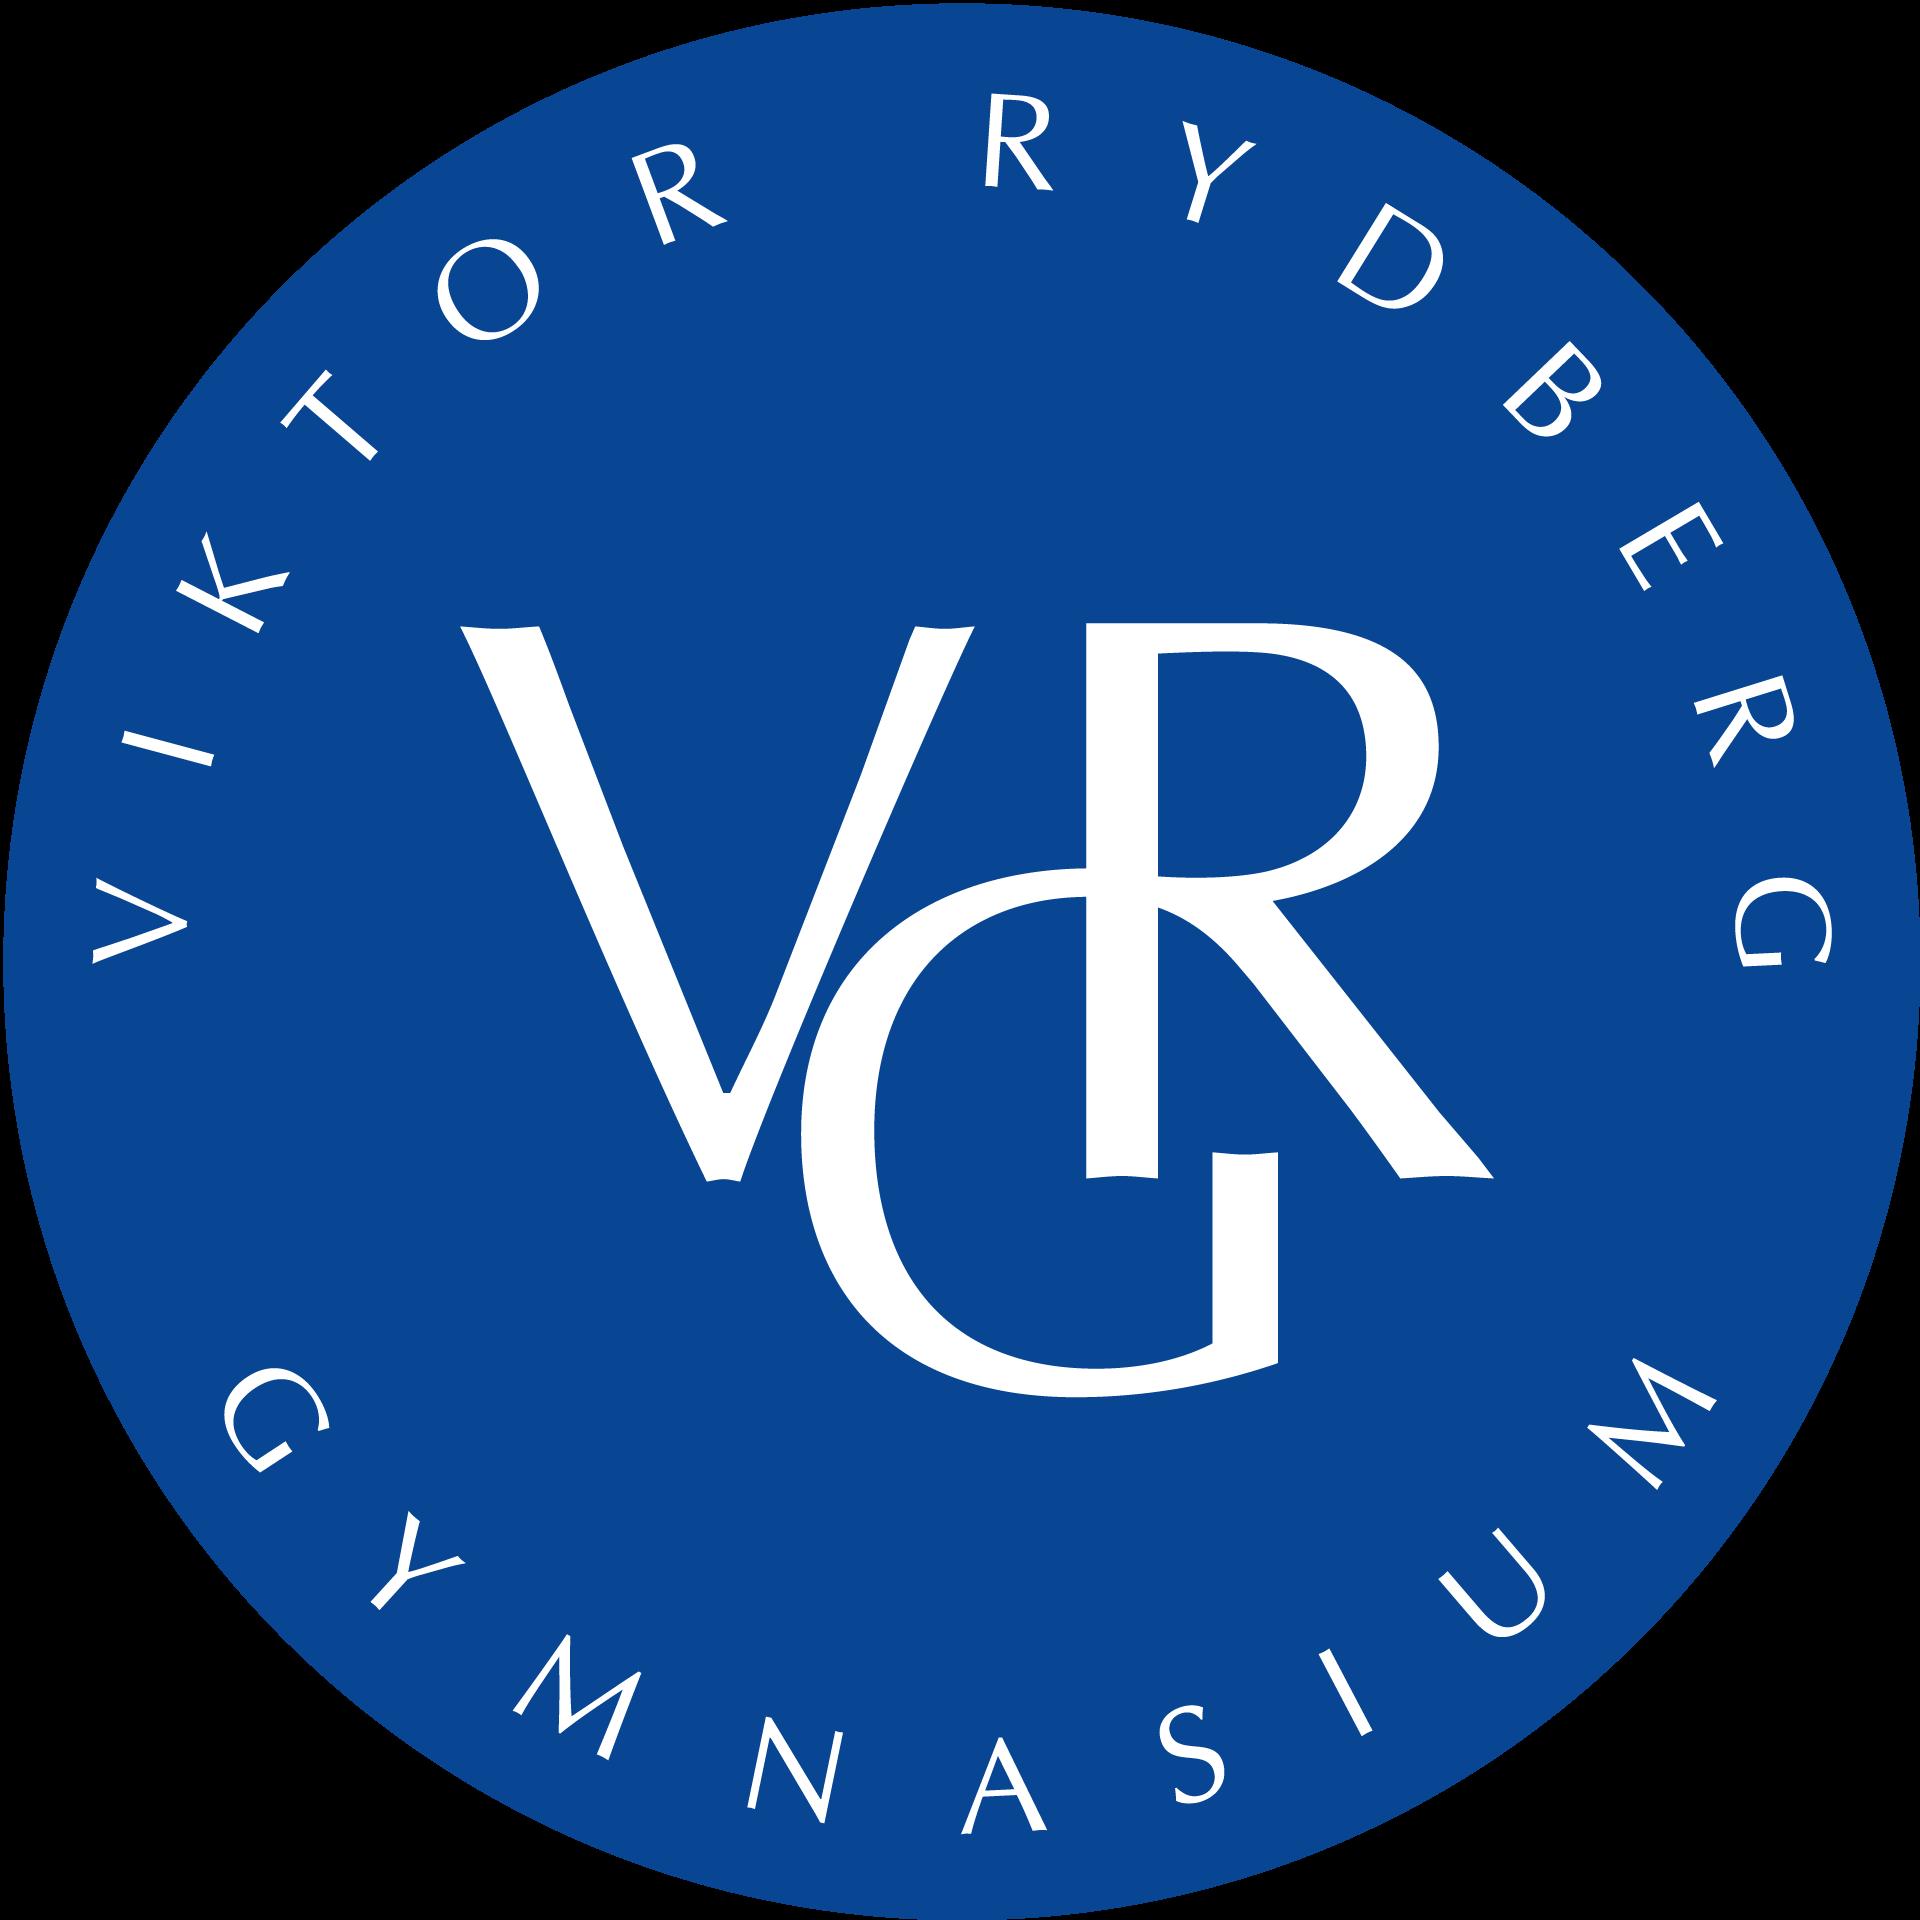 vrg logo.png